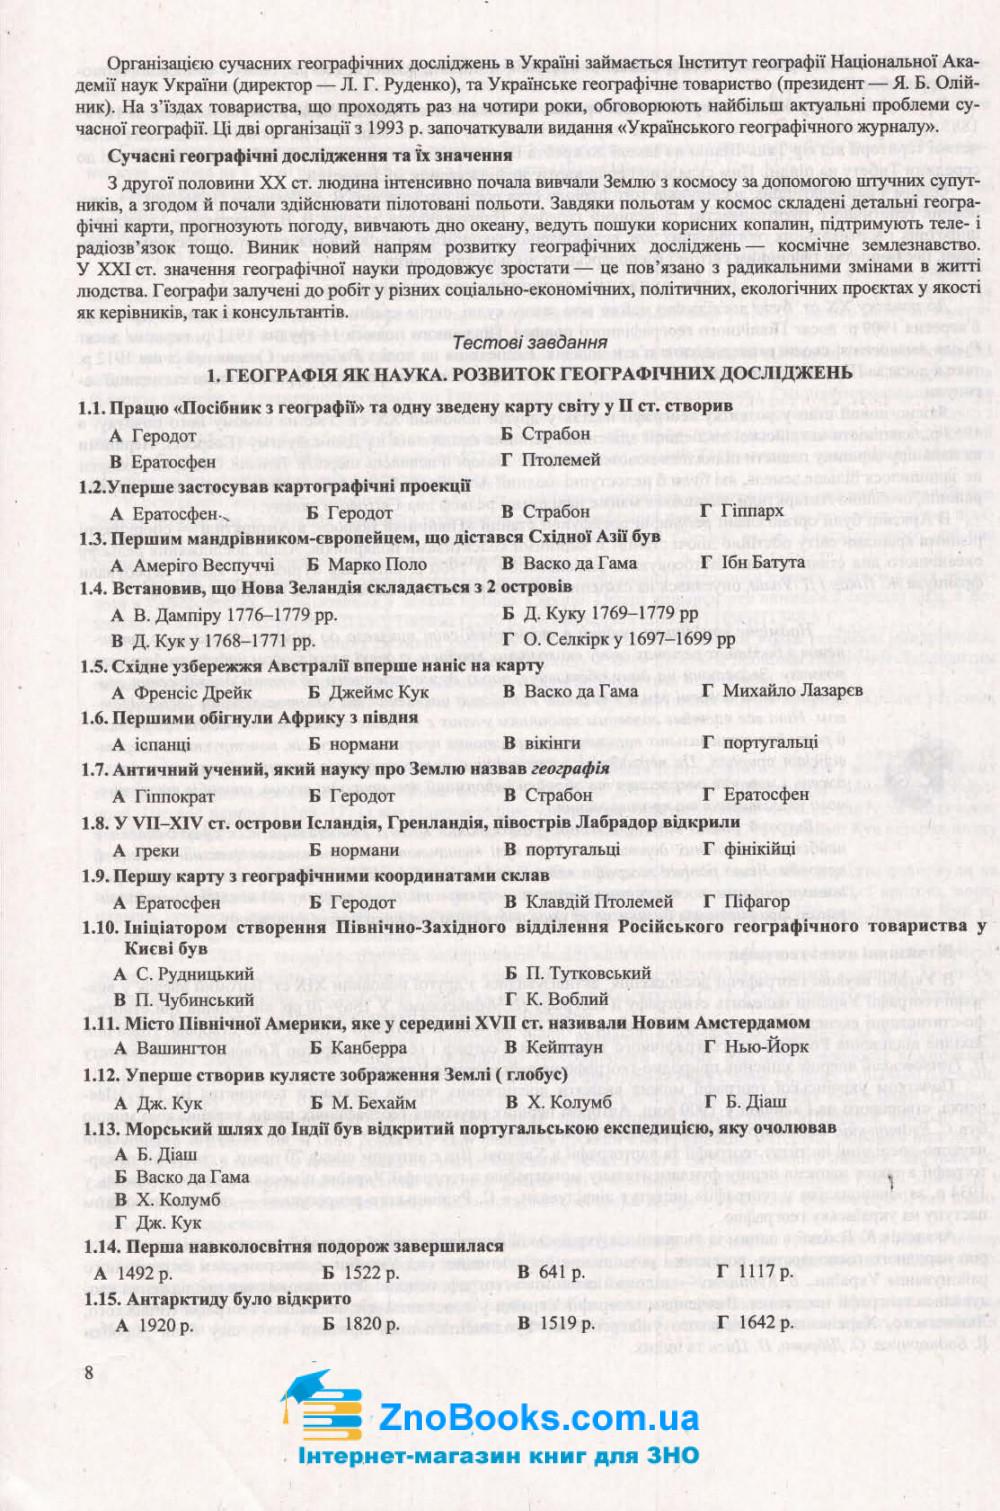 ЗНО 2021 Географія. Комплексне видання : Кузишин А. Підручники і посібники. купити 8